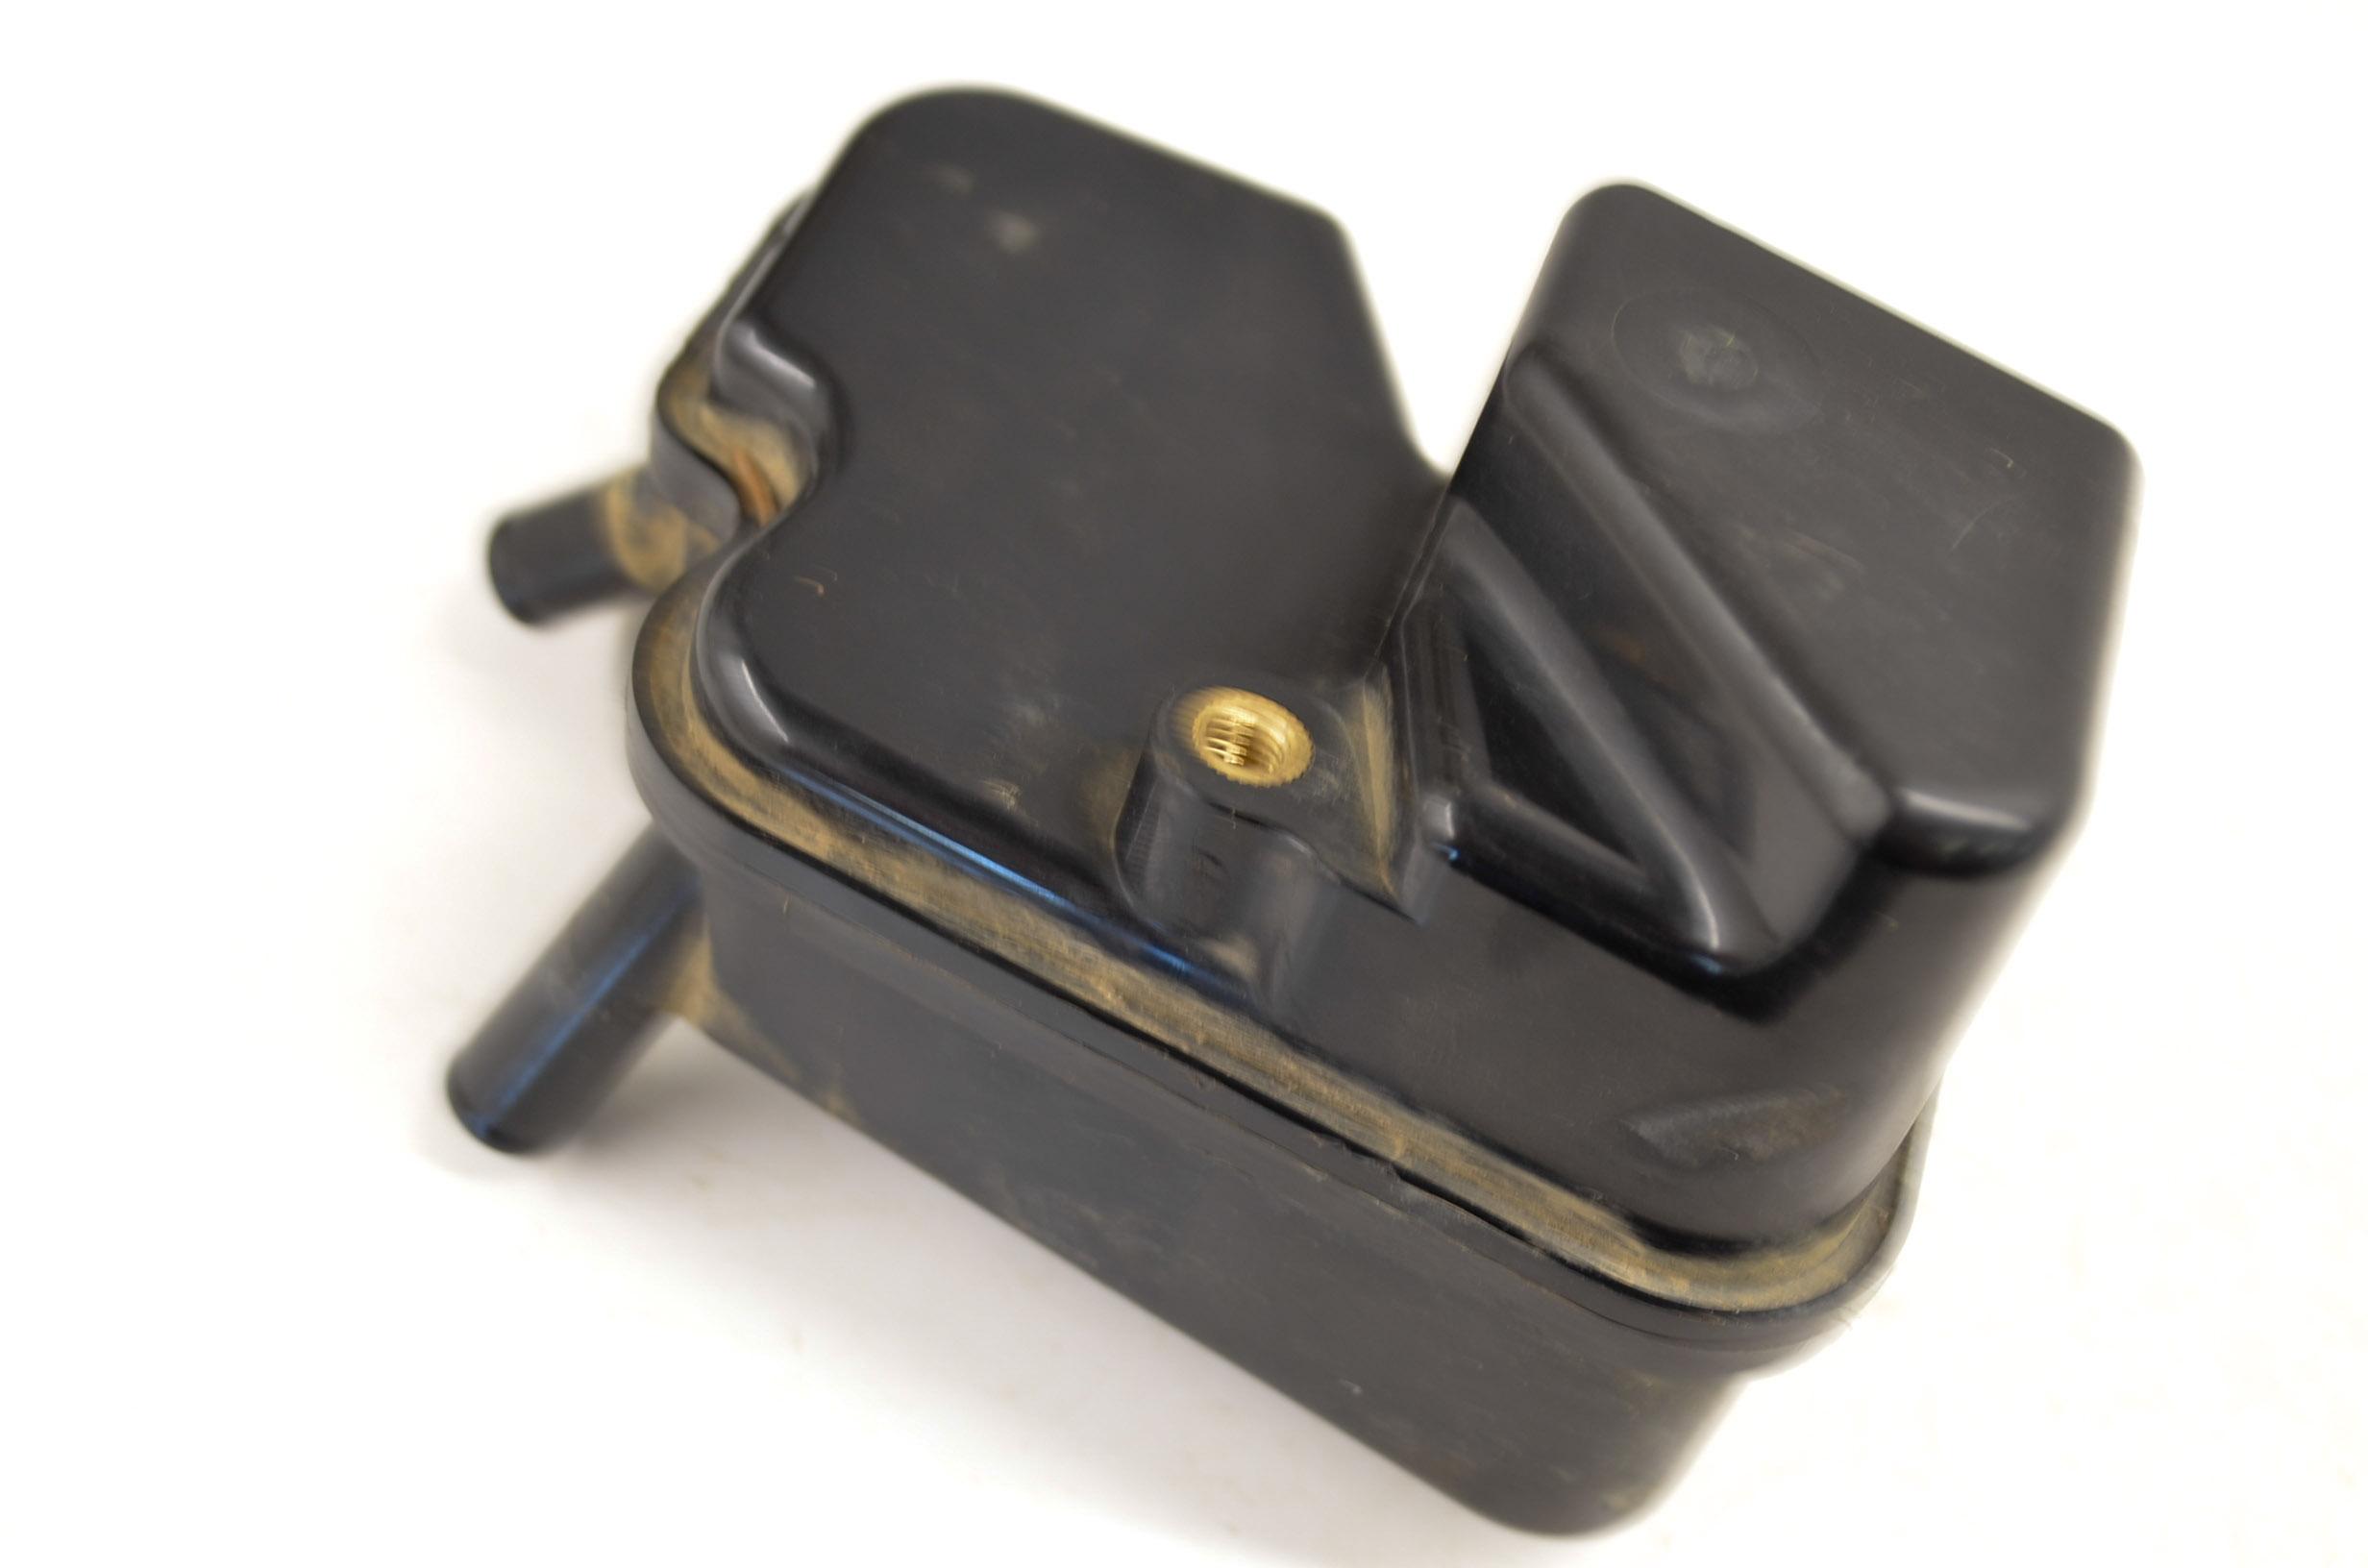 Details about 03 Suzuki LTZ400 Crankcase Breather Box Vent KFX400